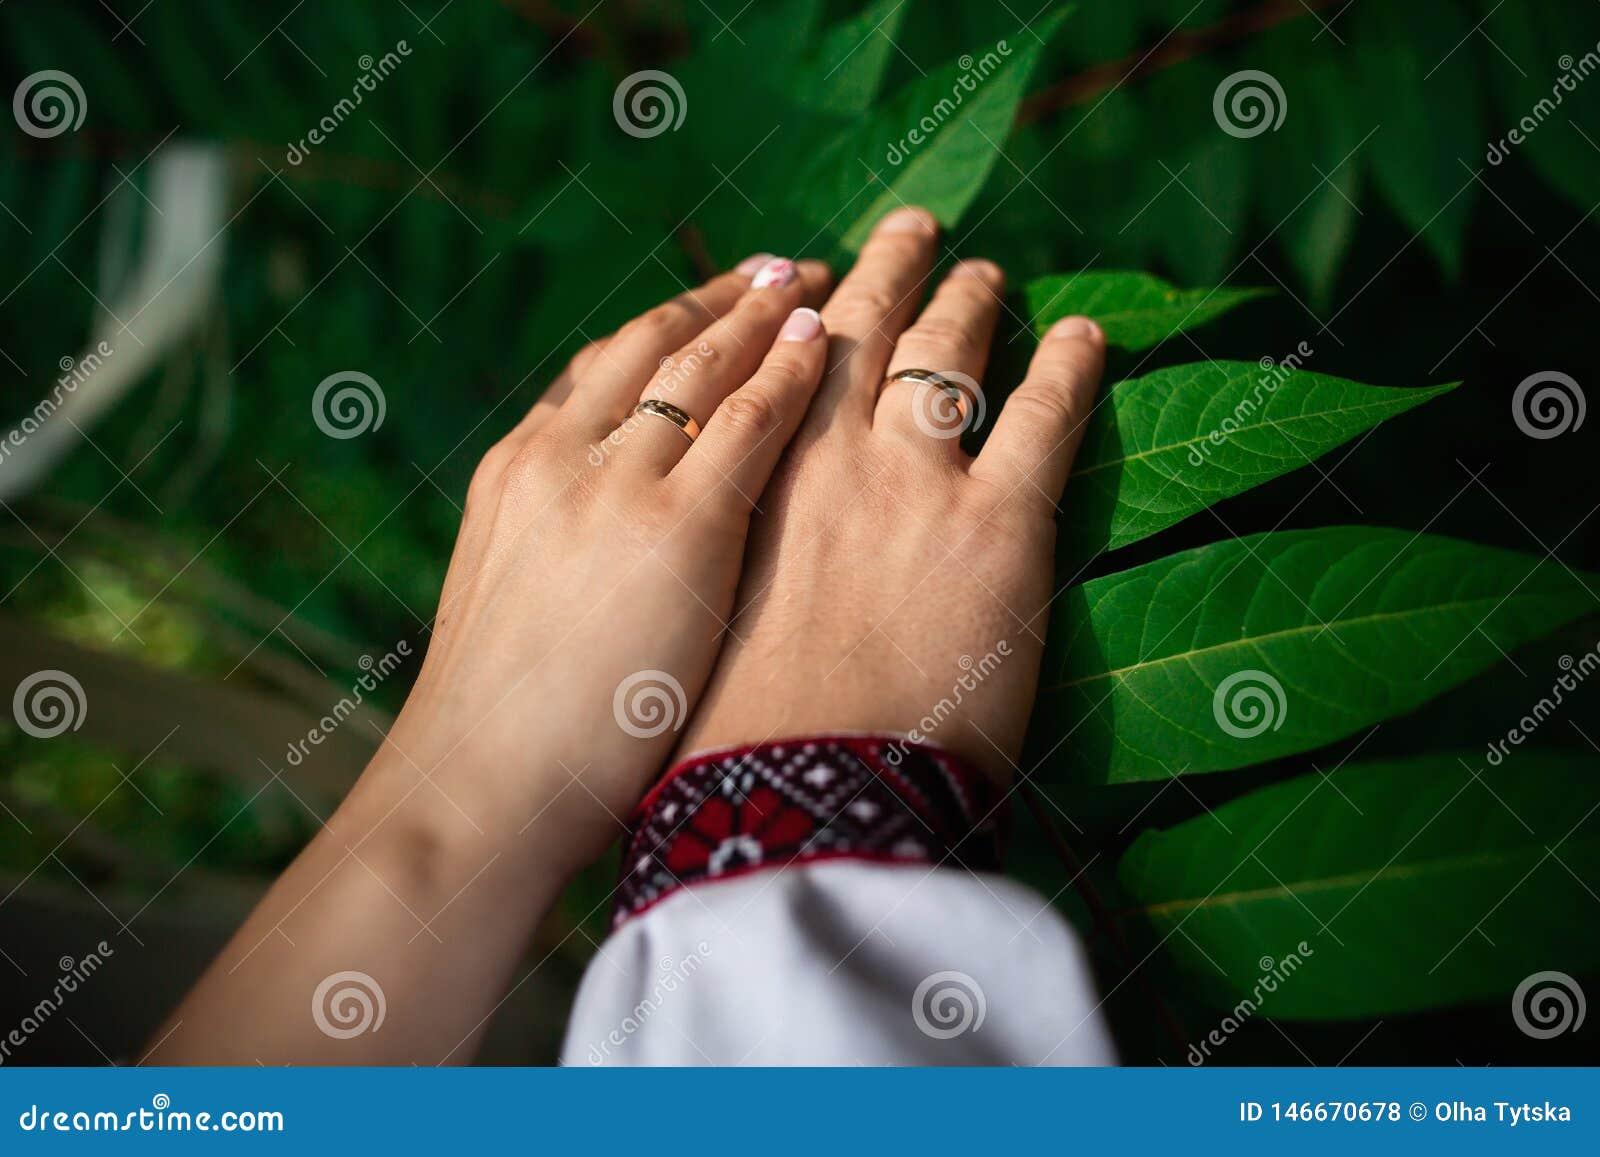 Poślubiający szczegół - zbliżenie ręki poślubiający z złocistymi pierścionkami na zielonym tle